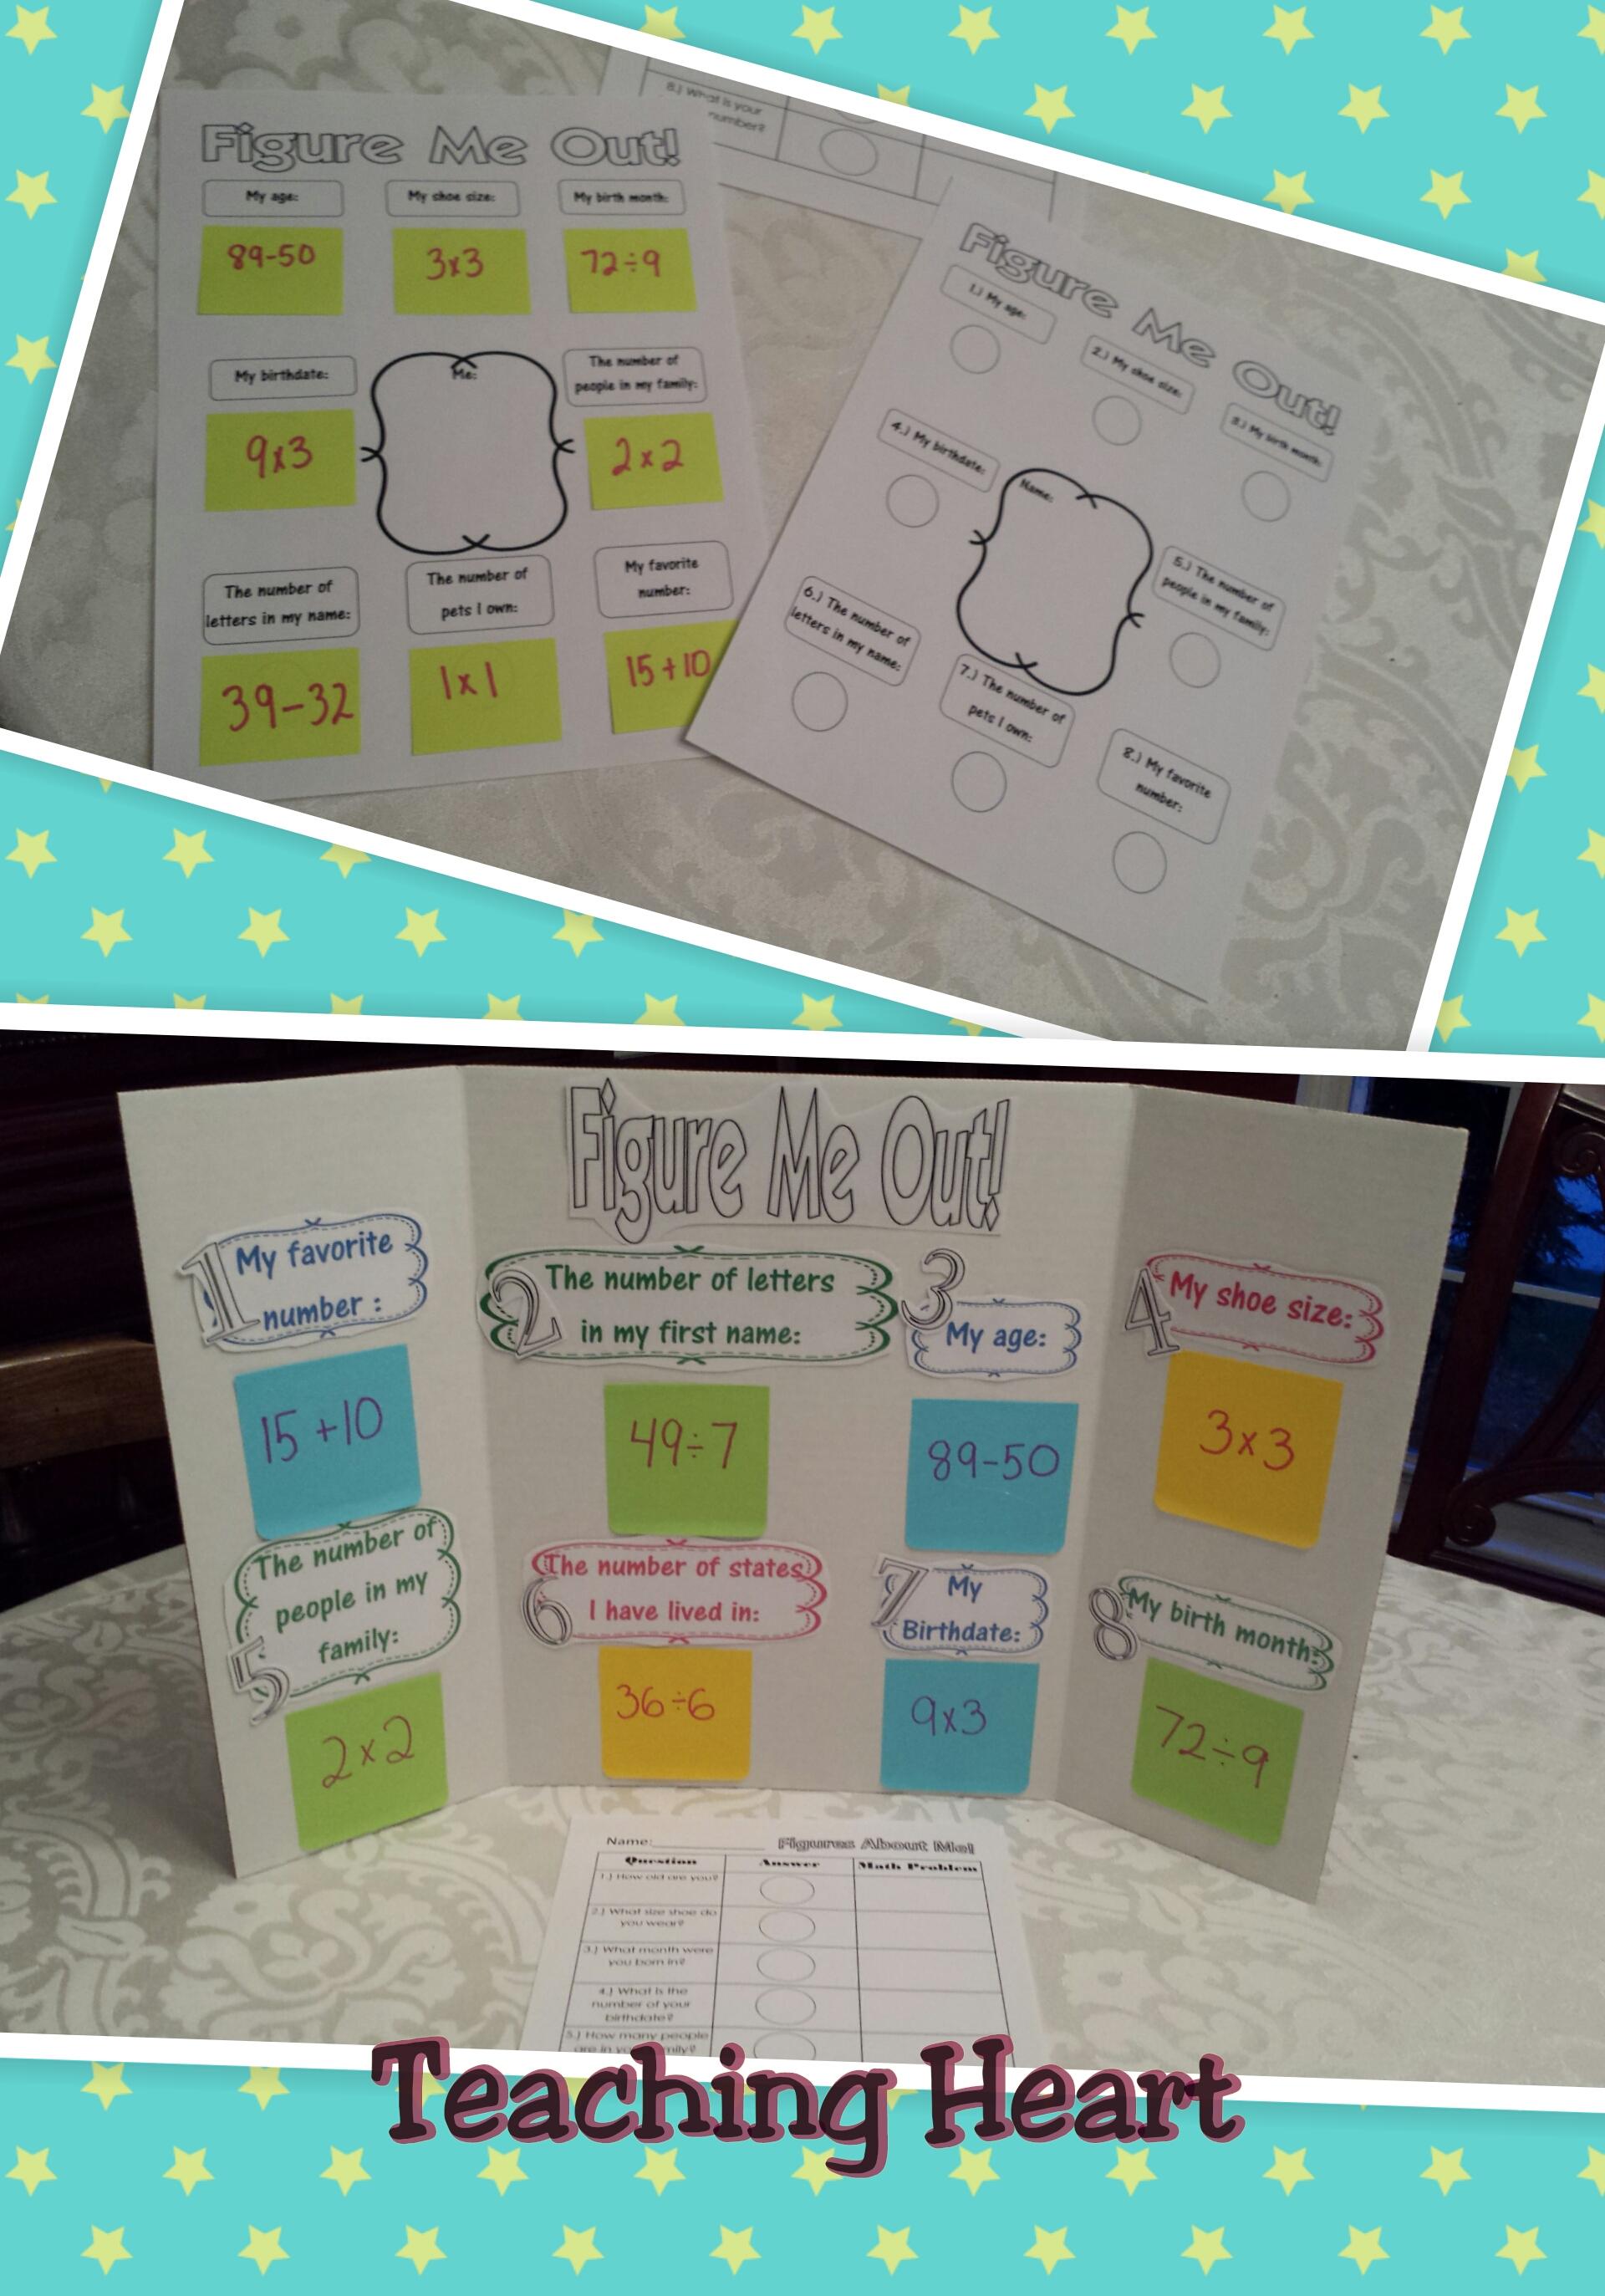 Figure me out math activity teaching heart blog teaching heart blog